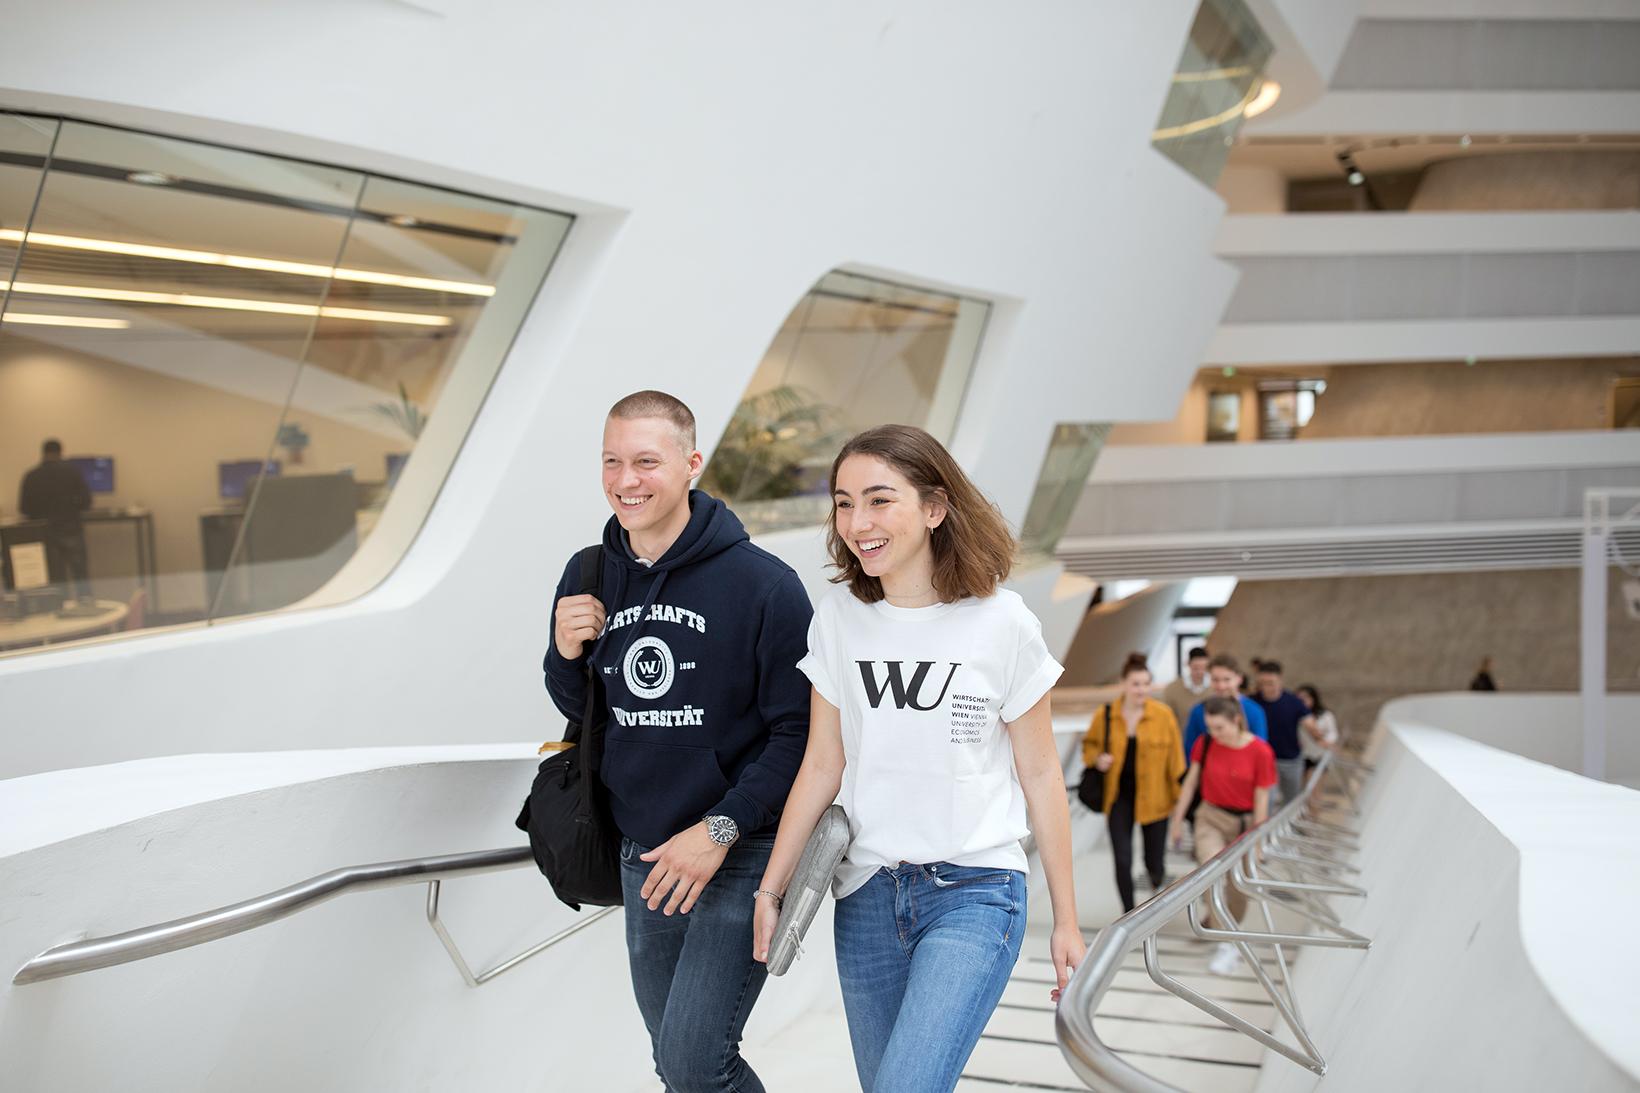 Studierende gehen in der Bibliothek eine Treppe hinauf